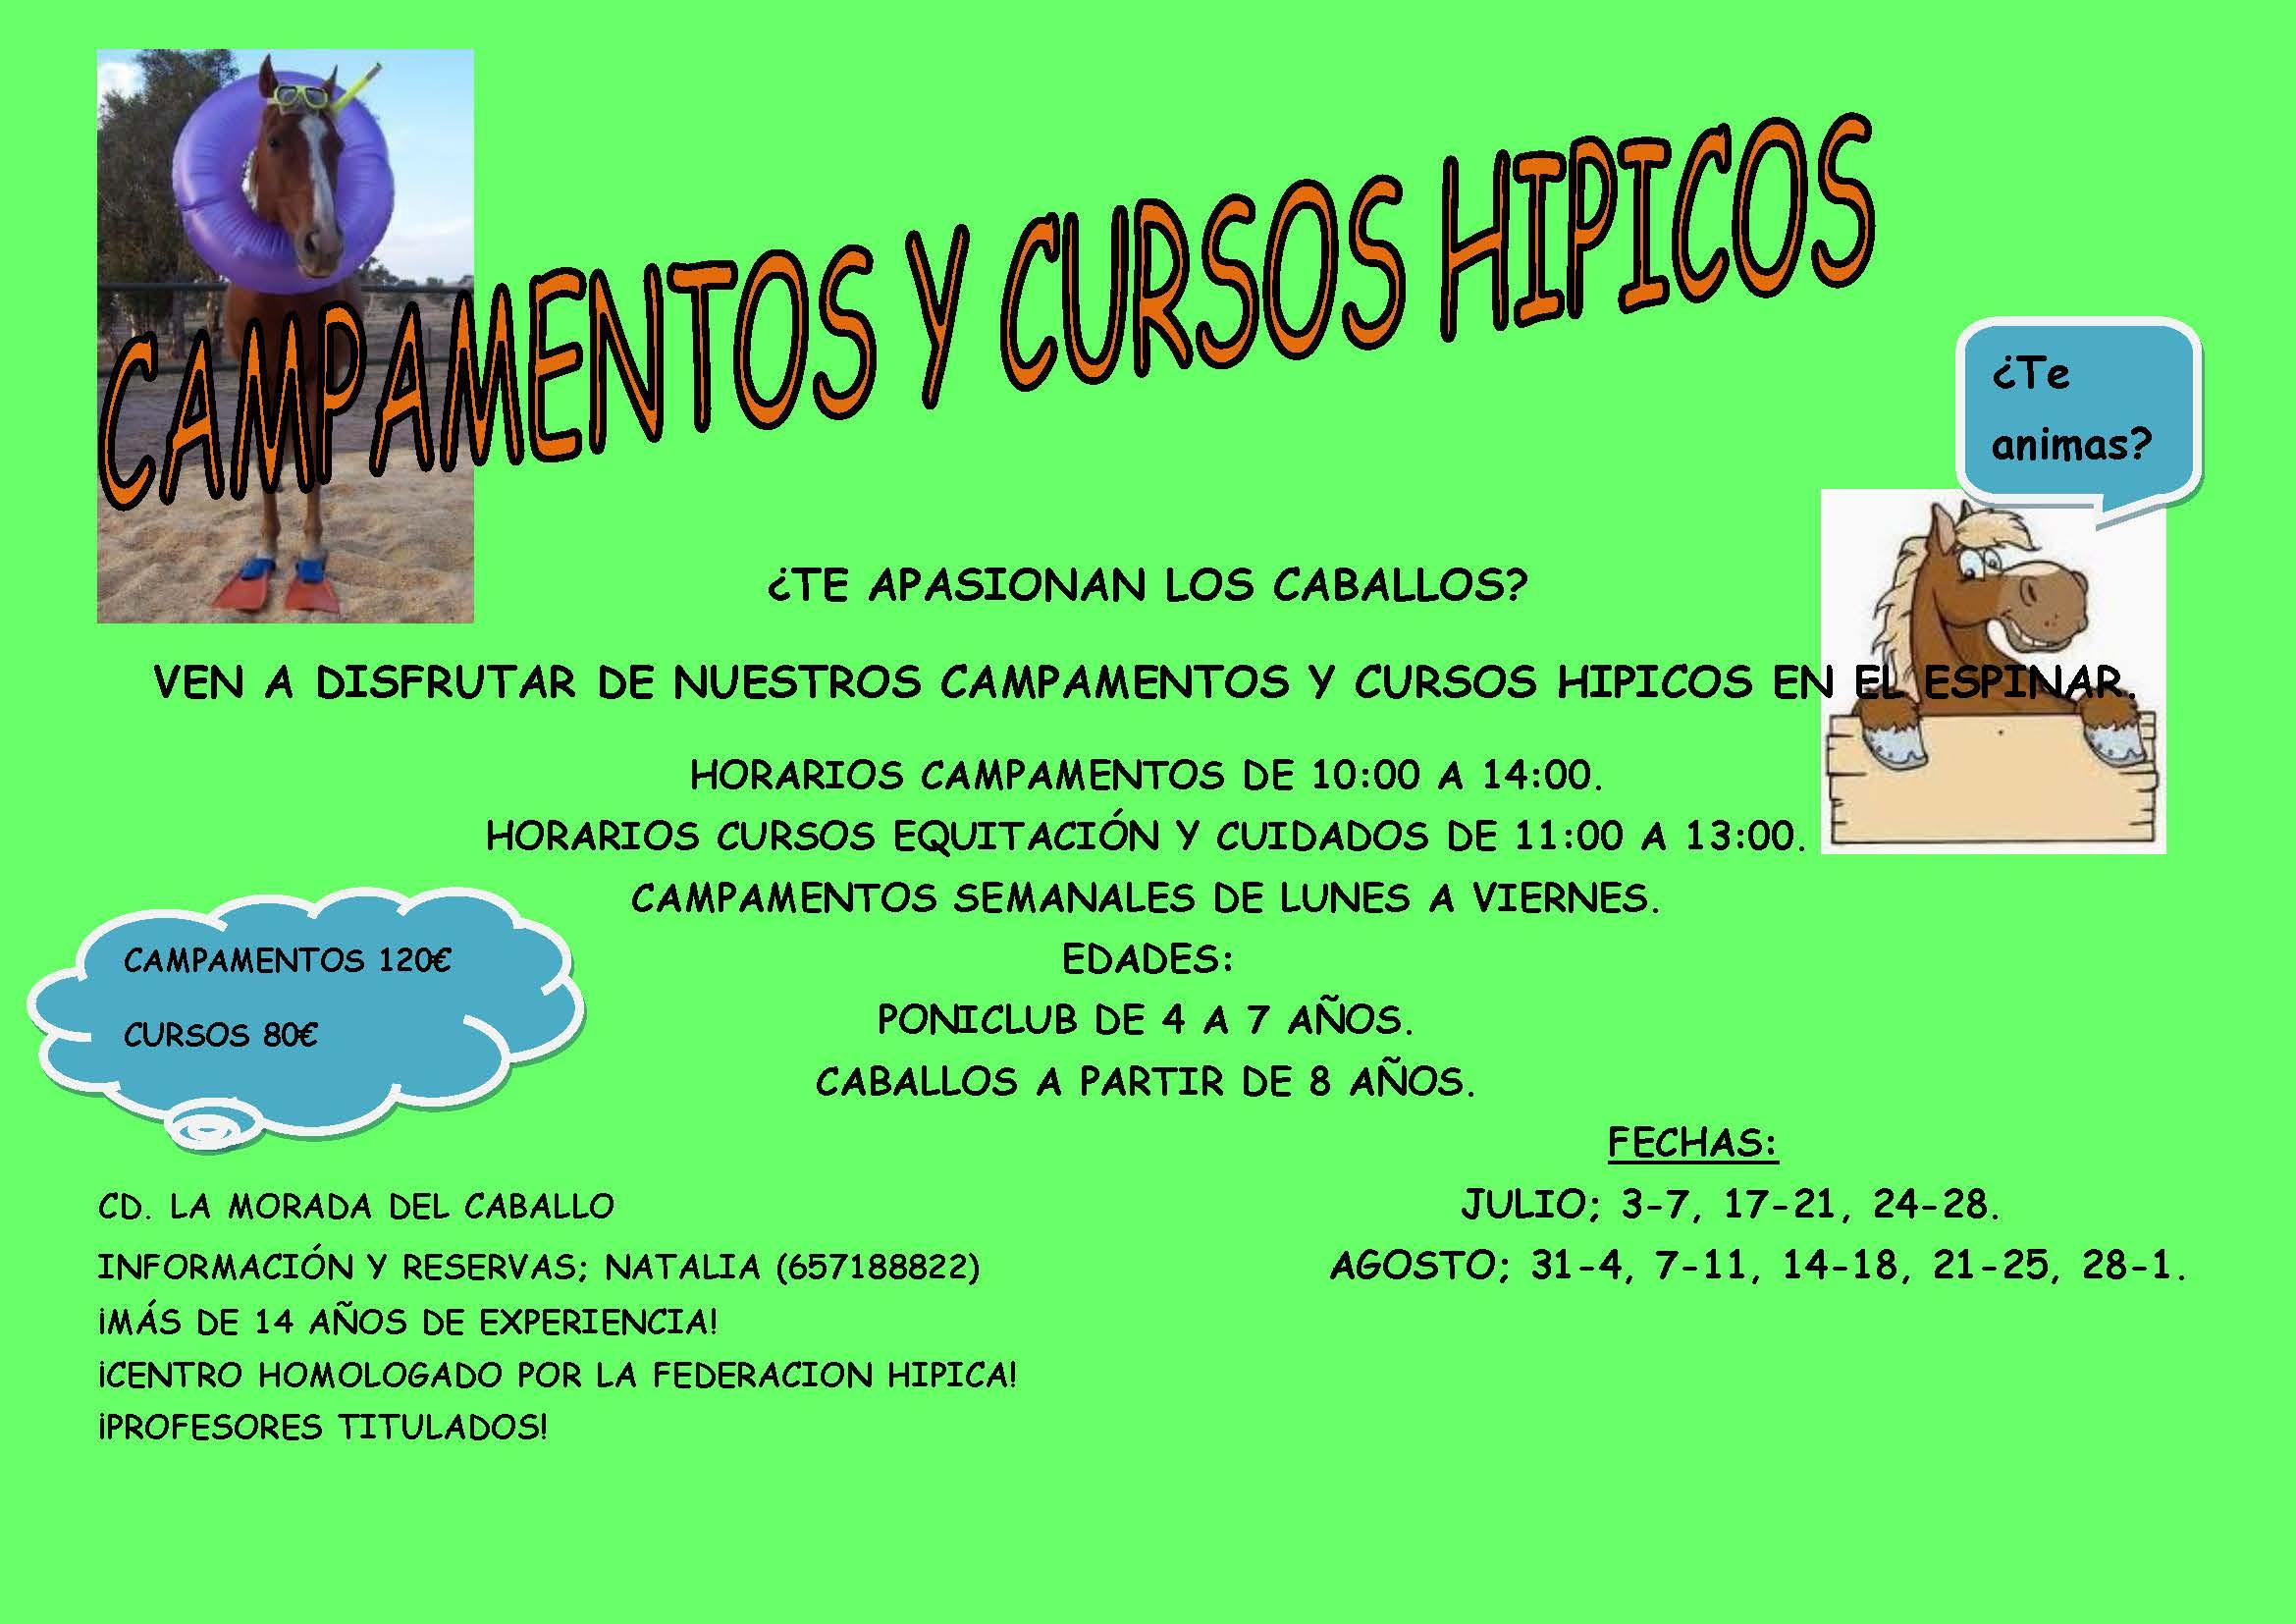 CAMPAMENTOS Y CURSOS HIPICOS